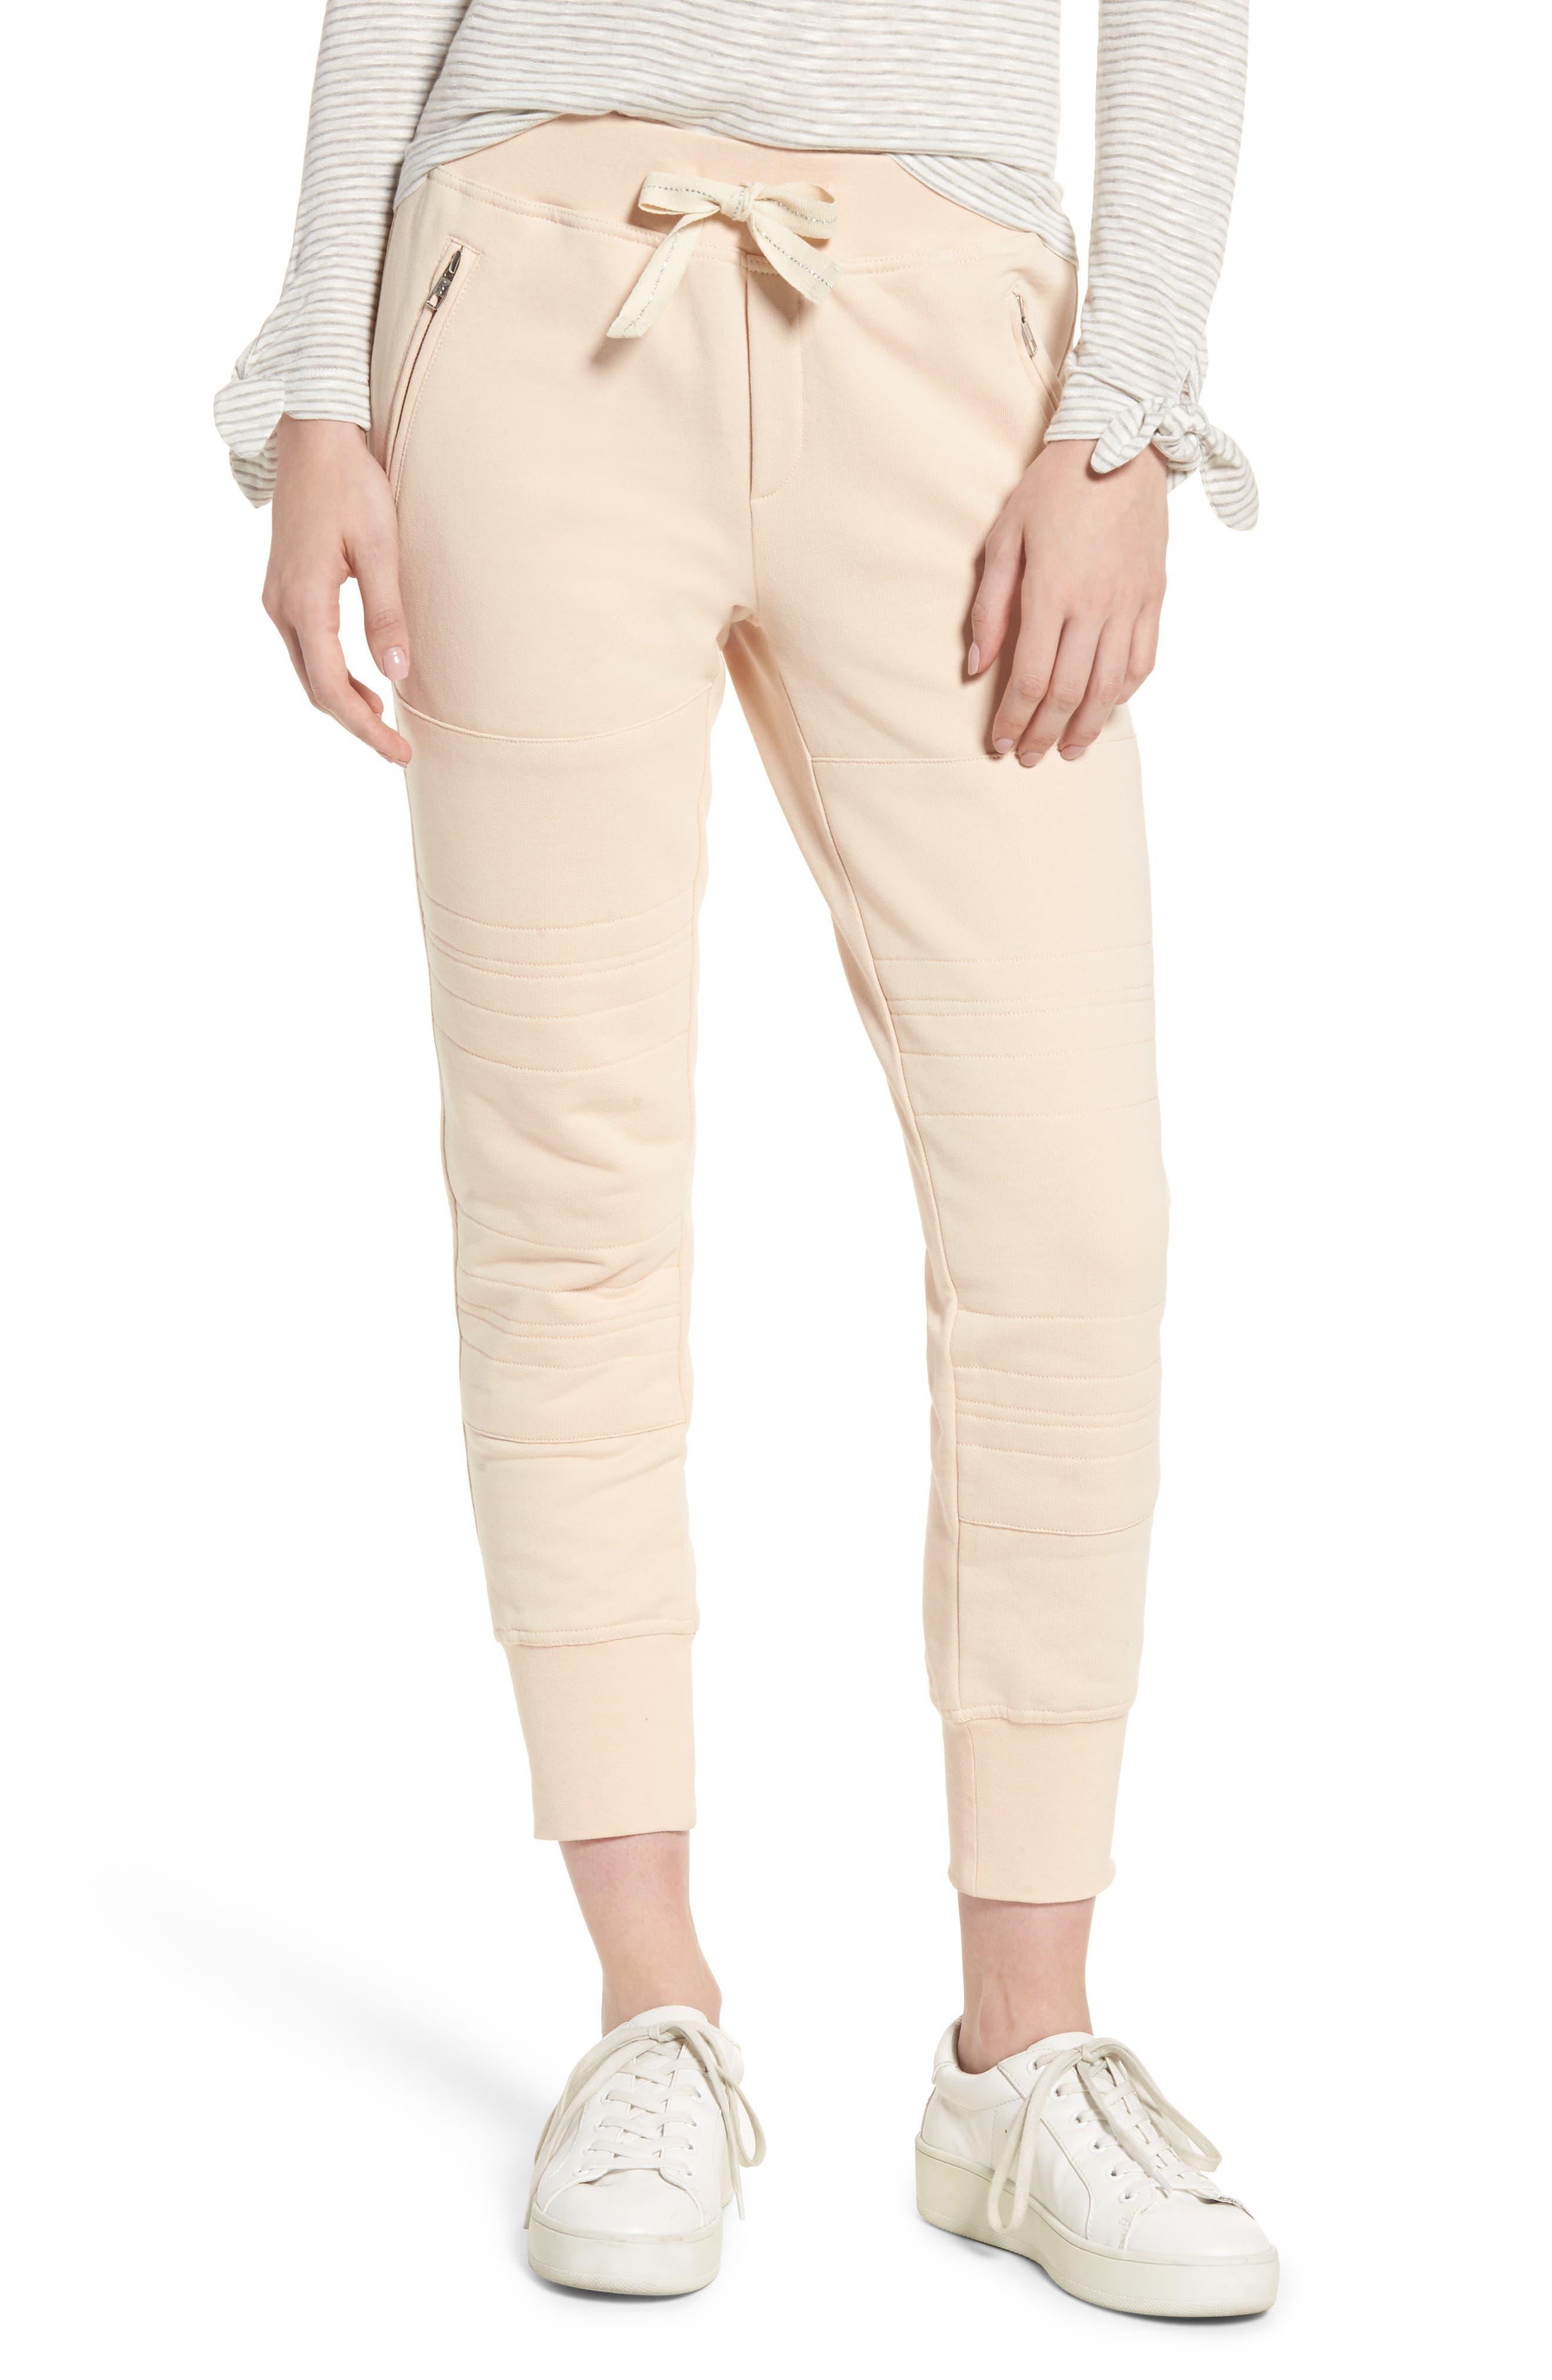 Lux Jogger Pants,                         Main,                         color, Blush